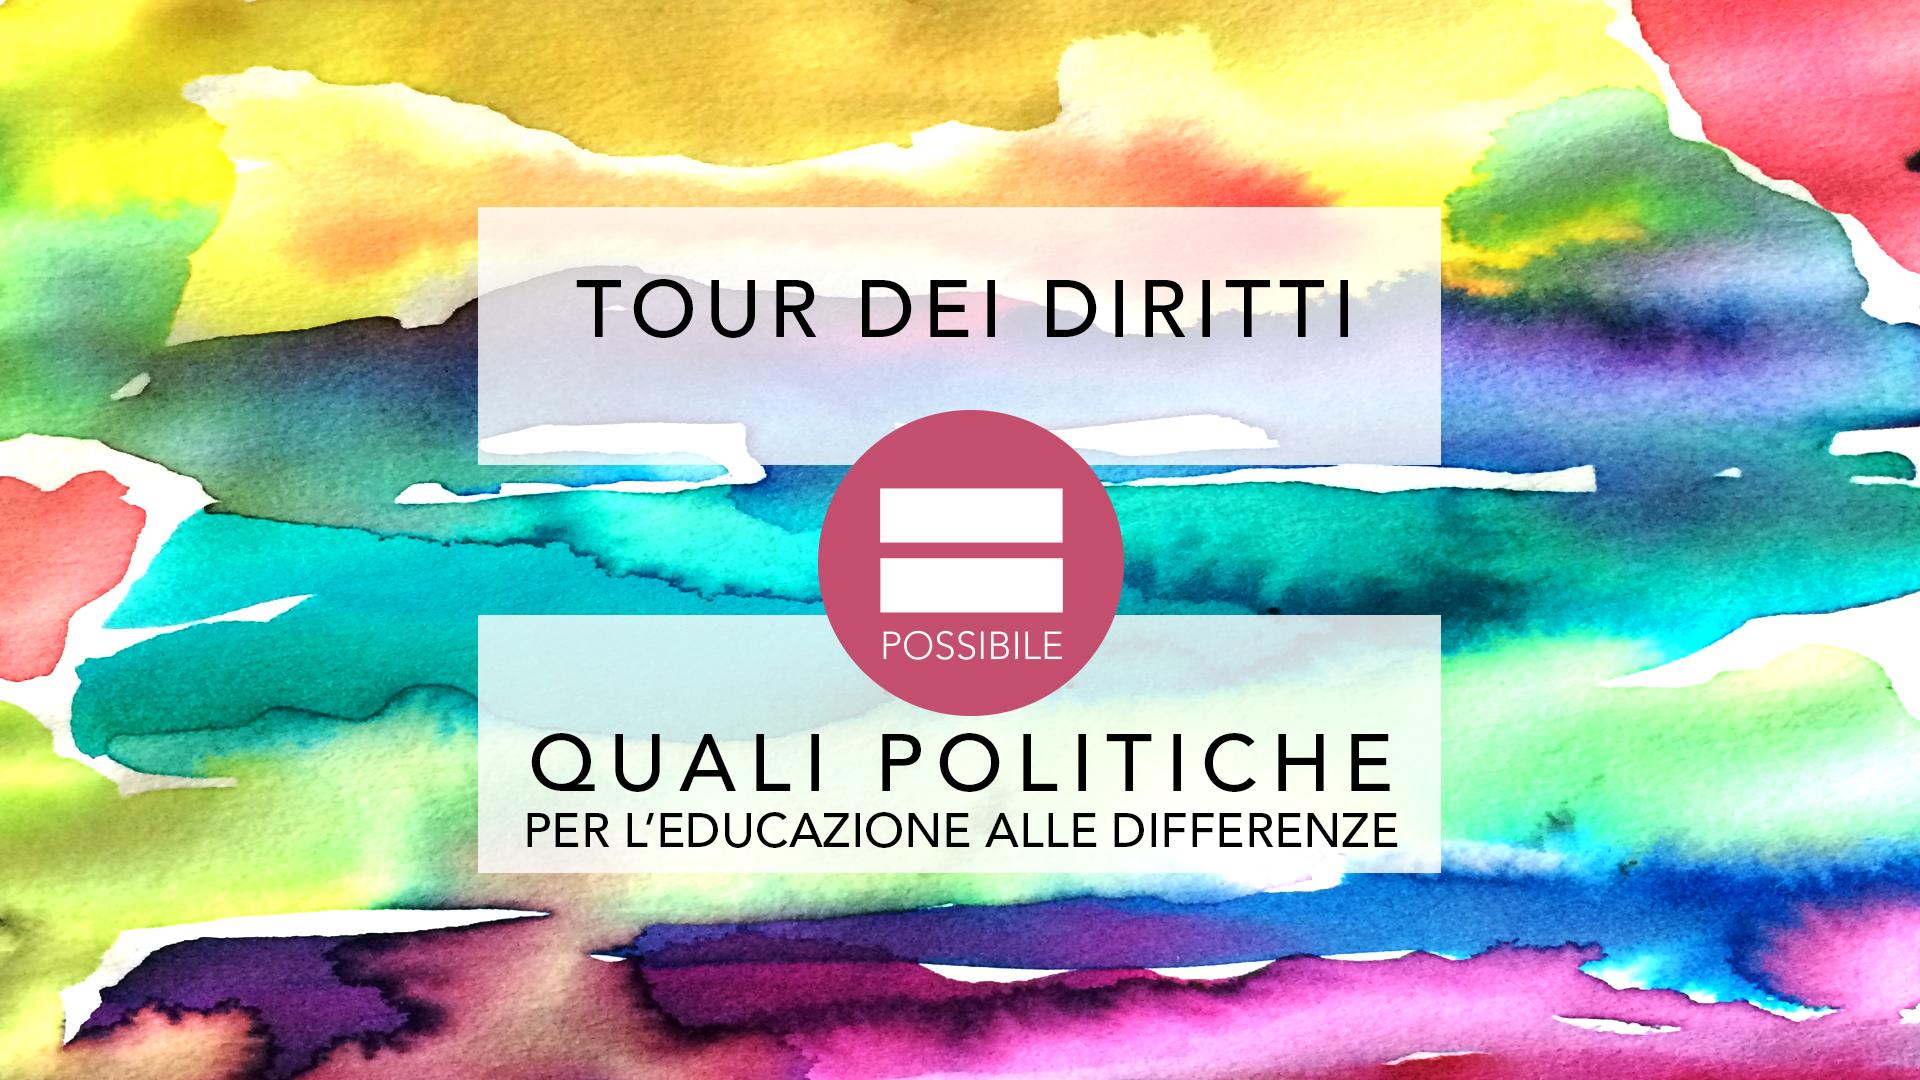 TOUR Dei Diritti - politiche per educazione alle differenze